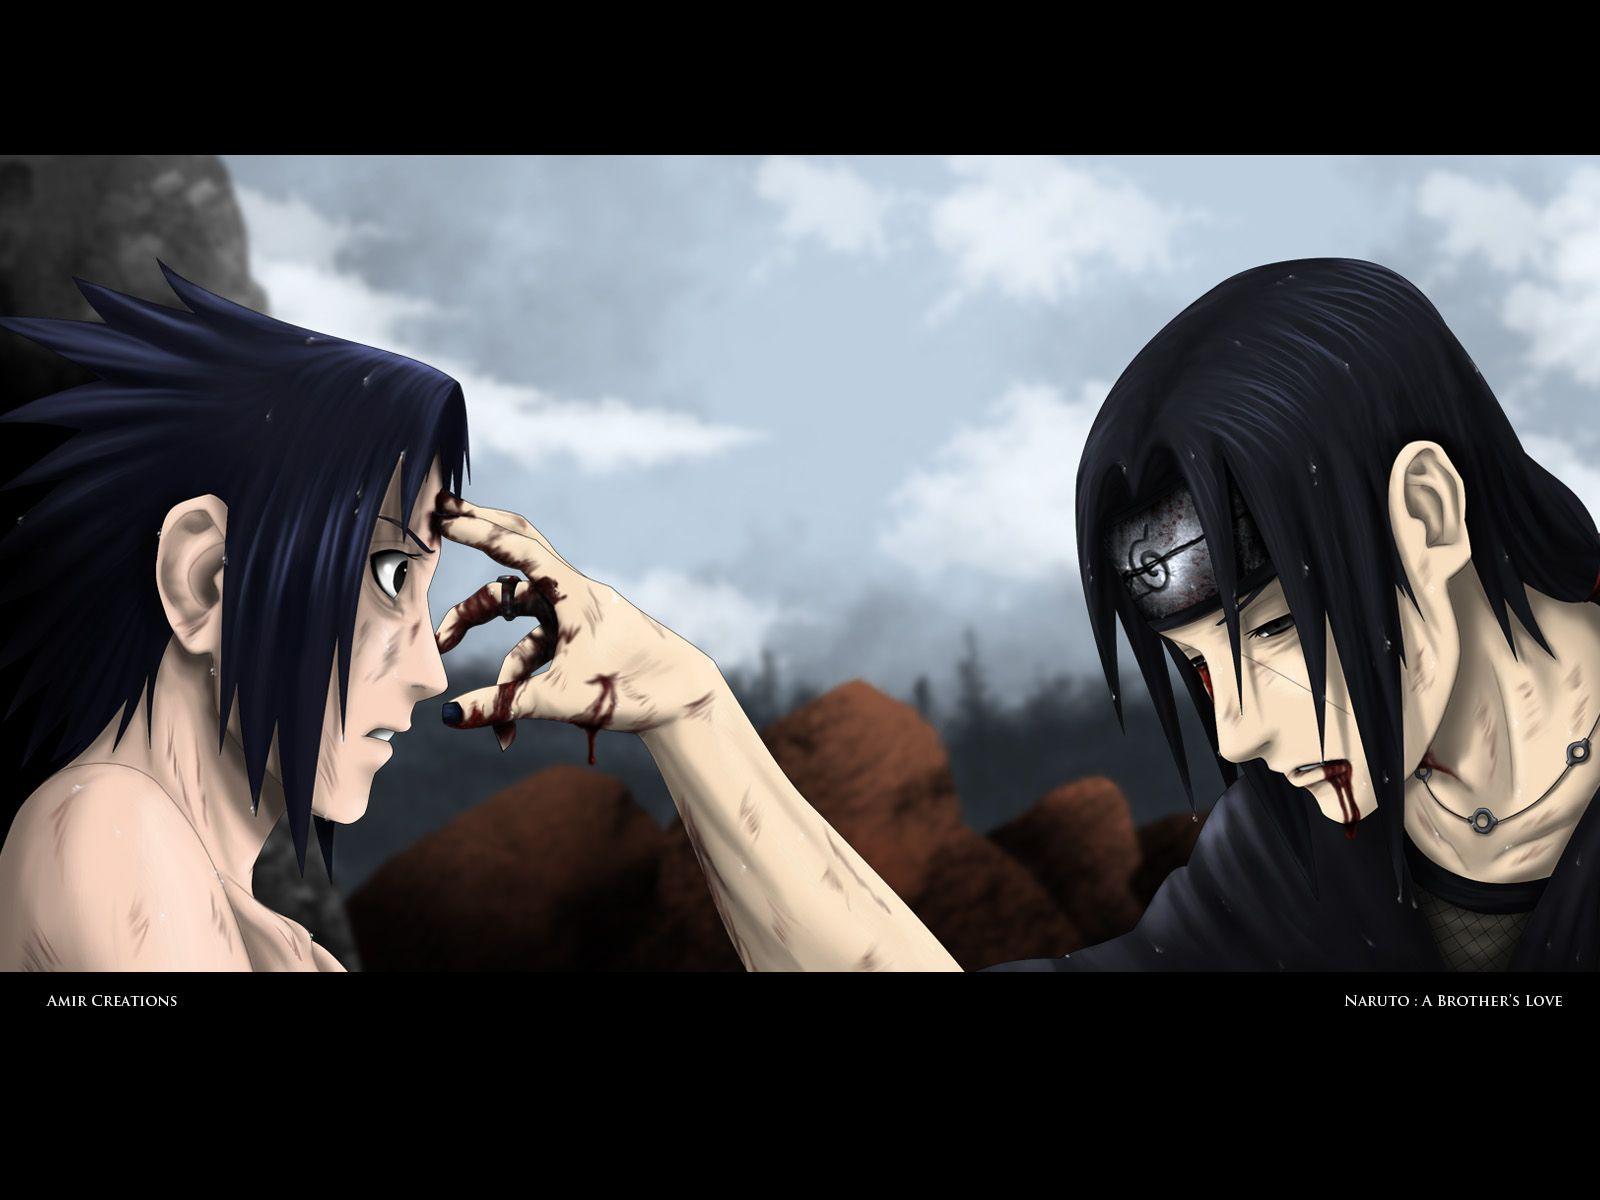 Anime Naruto Sasuke Uchiha Itachi Uchiha Wallpaper Naruto